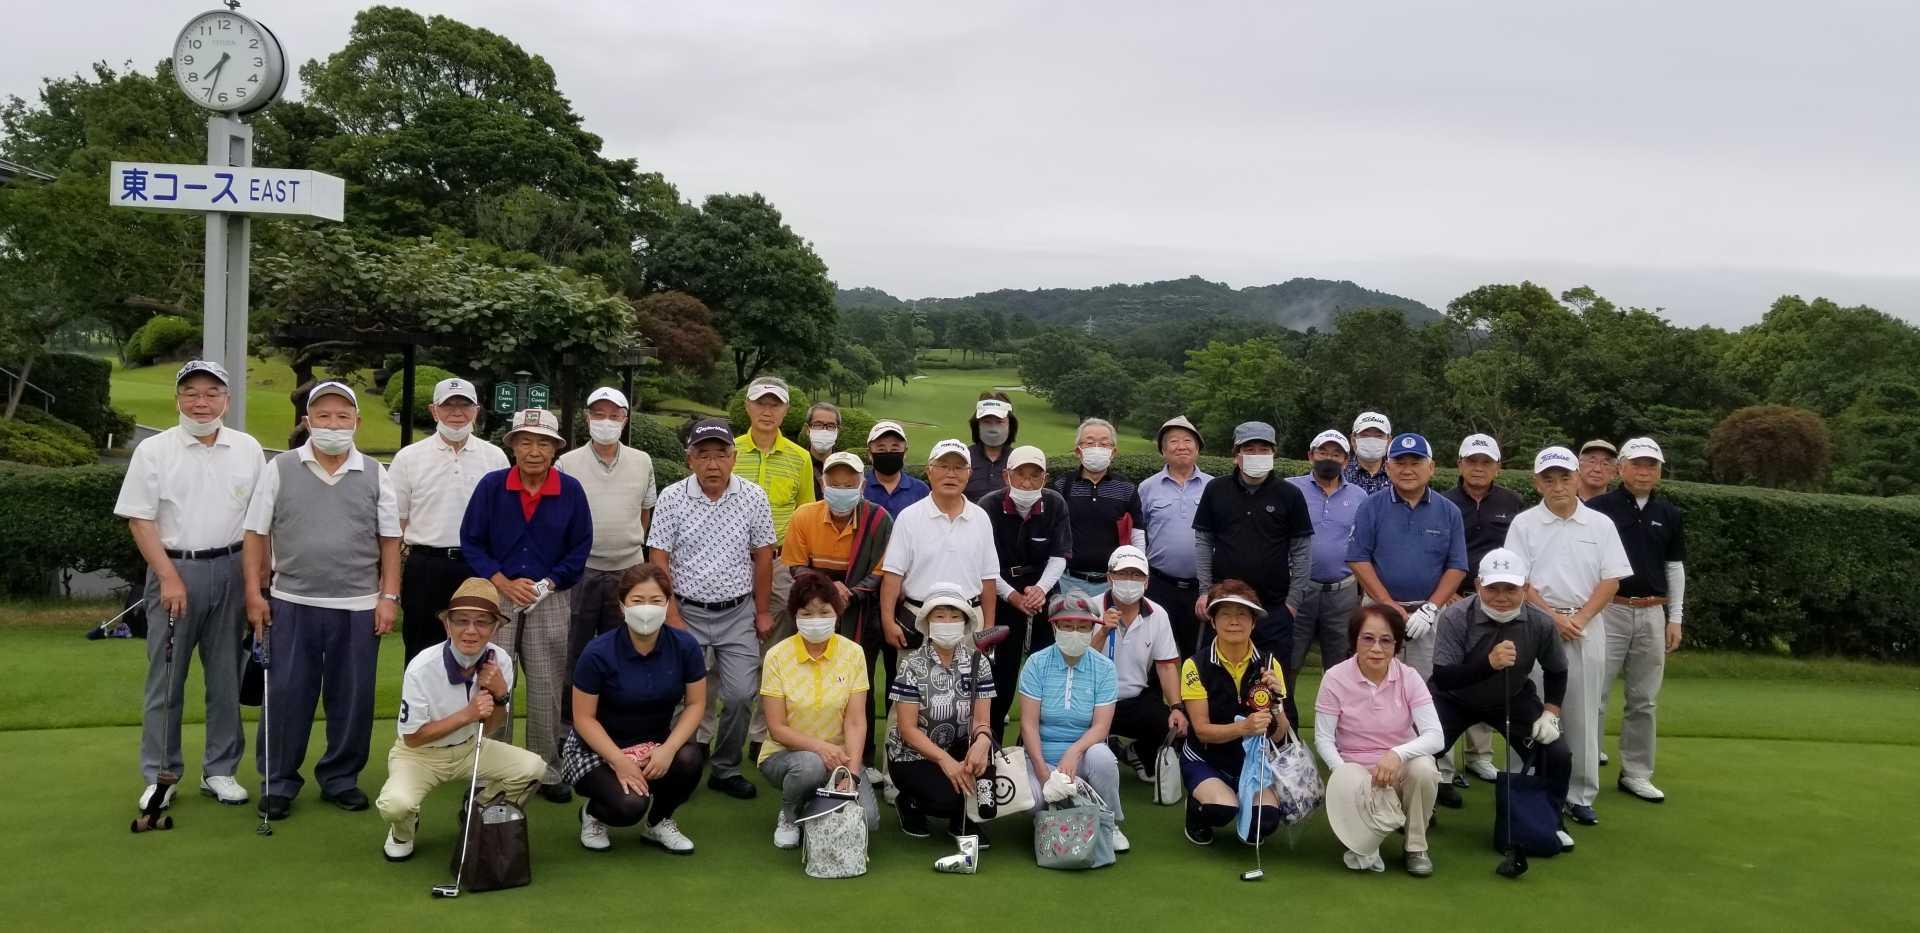 第292回 ゴルフガーデン星野会 7月度コンペ